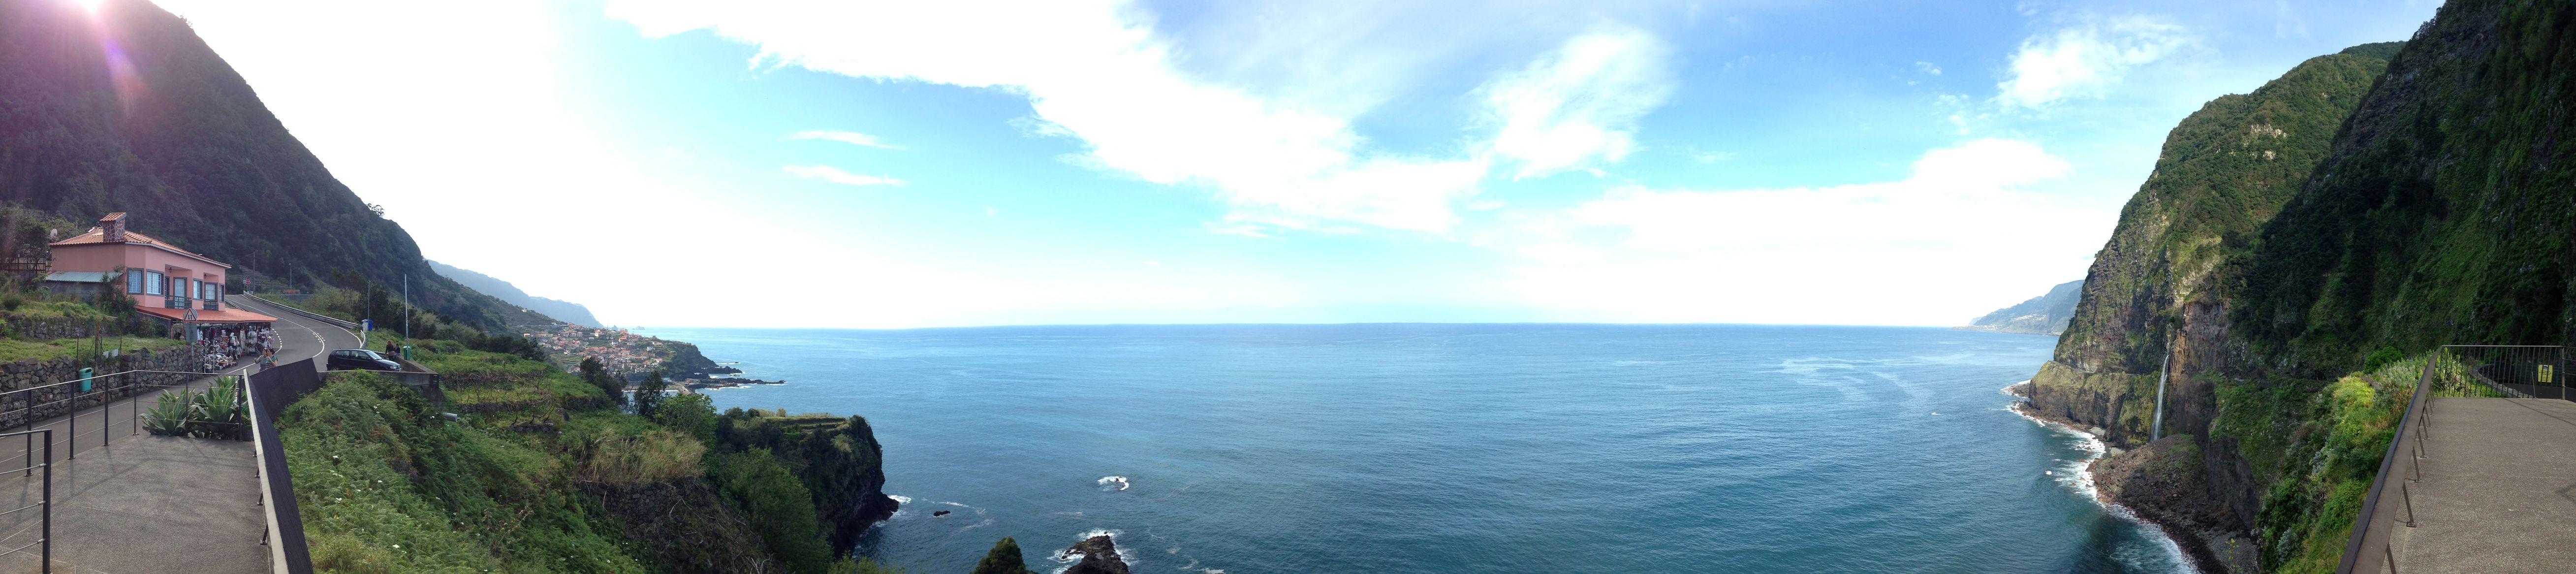 2013-04-07 - Madeira - Seixal ao fundo - Miradouro Véu da noiva